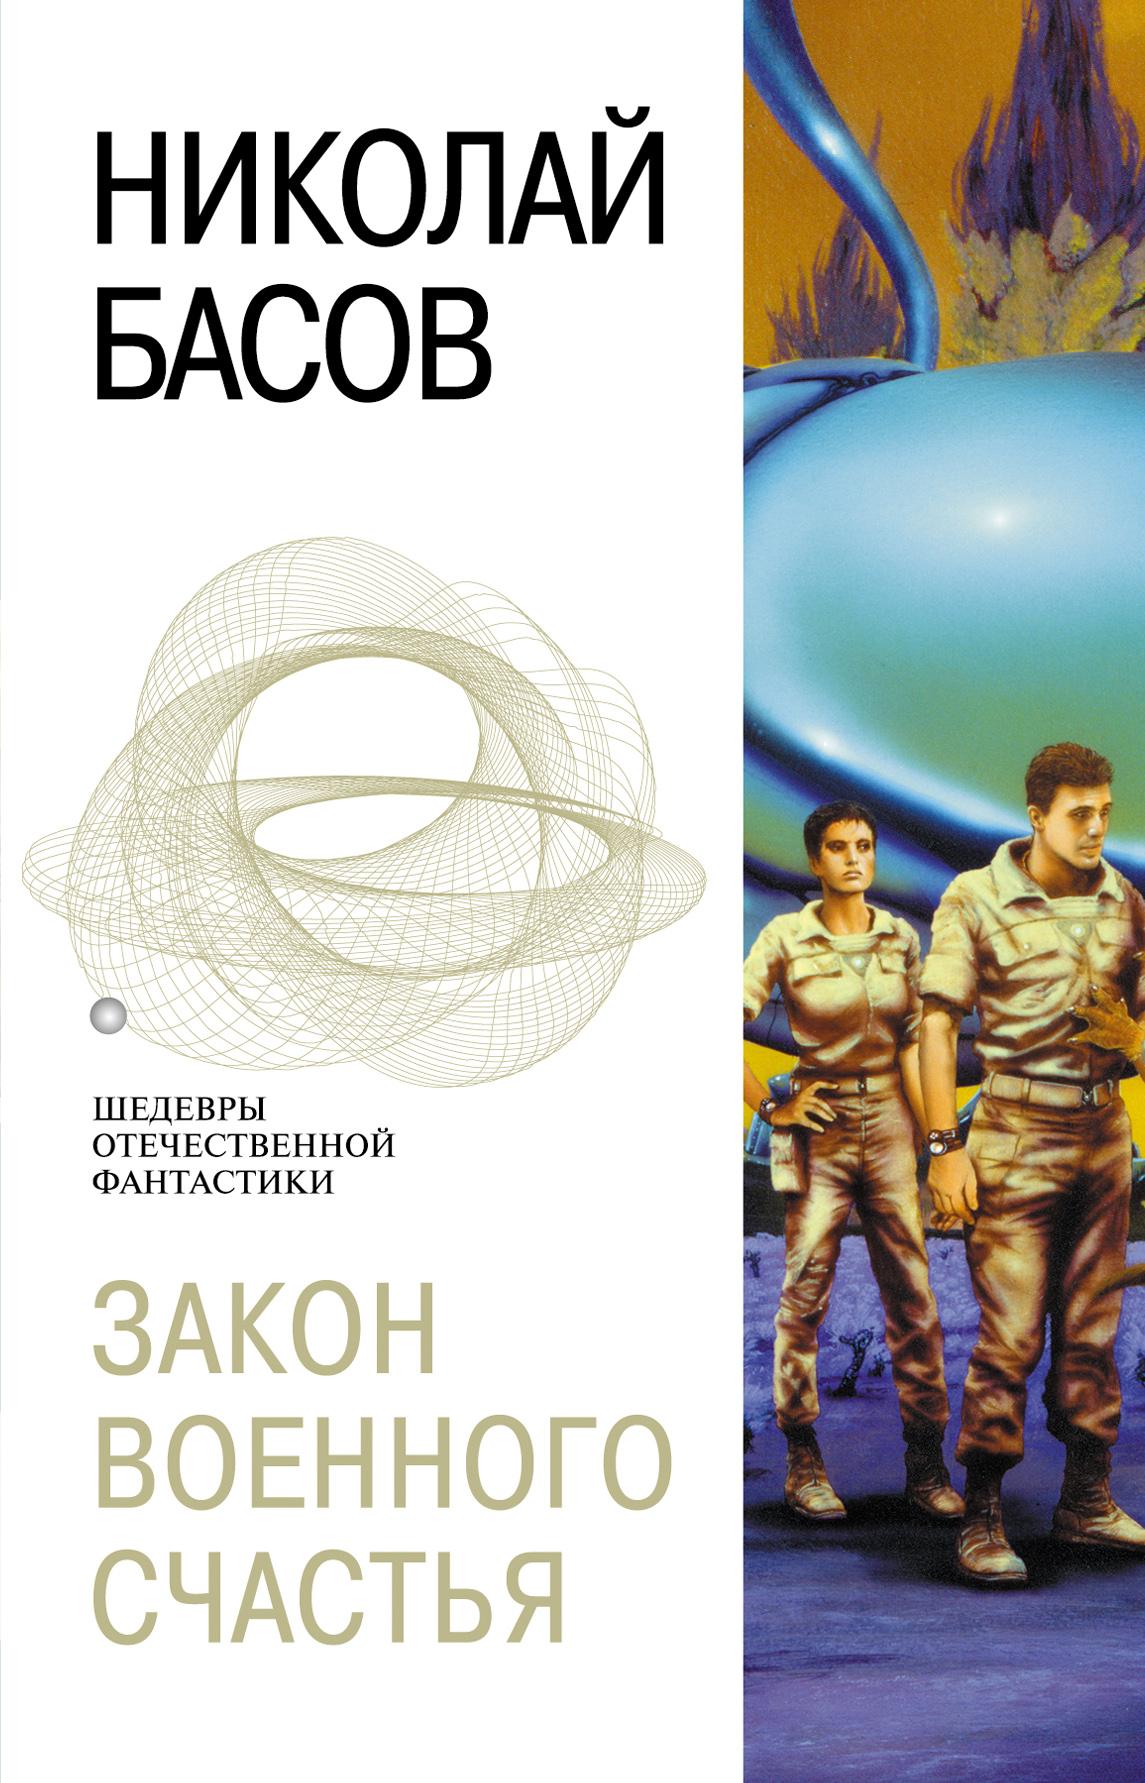 Николай Басов «Место отсчета»